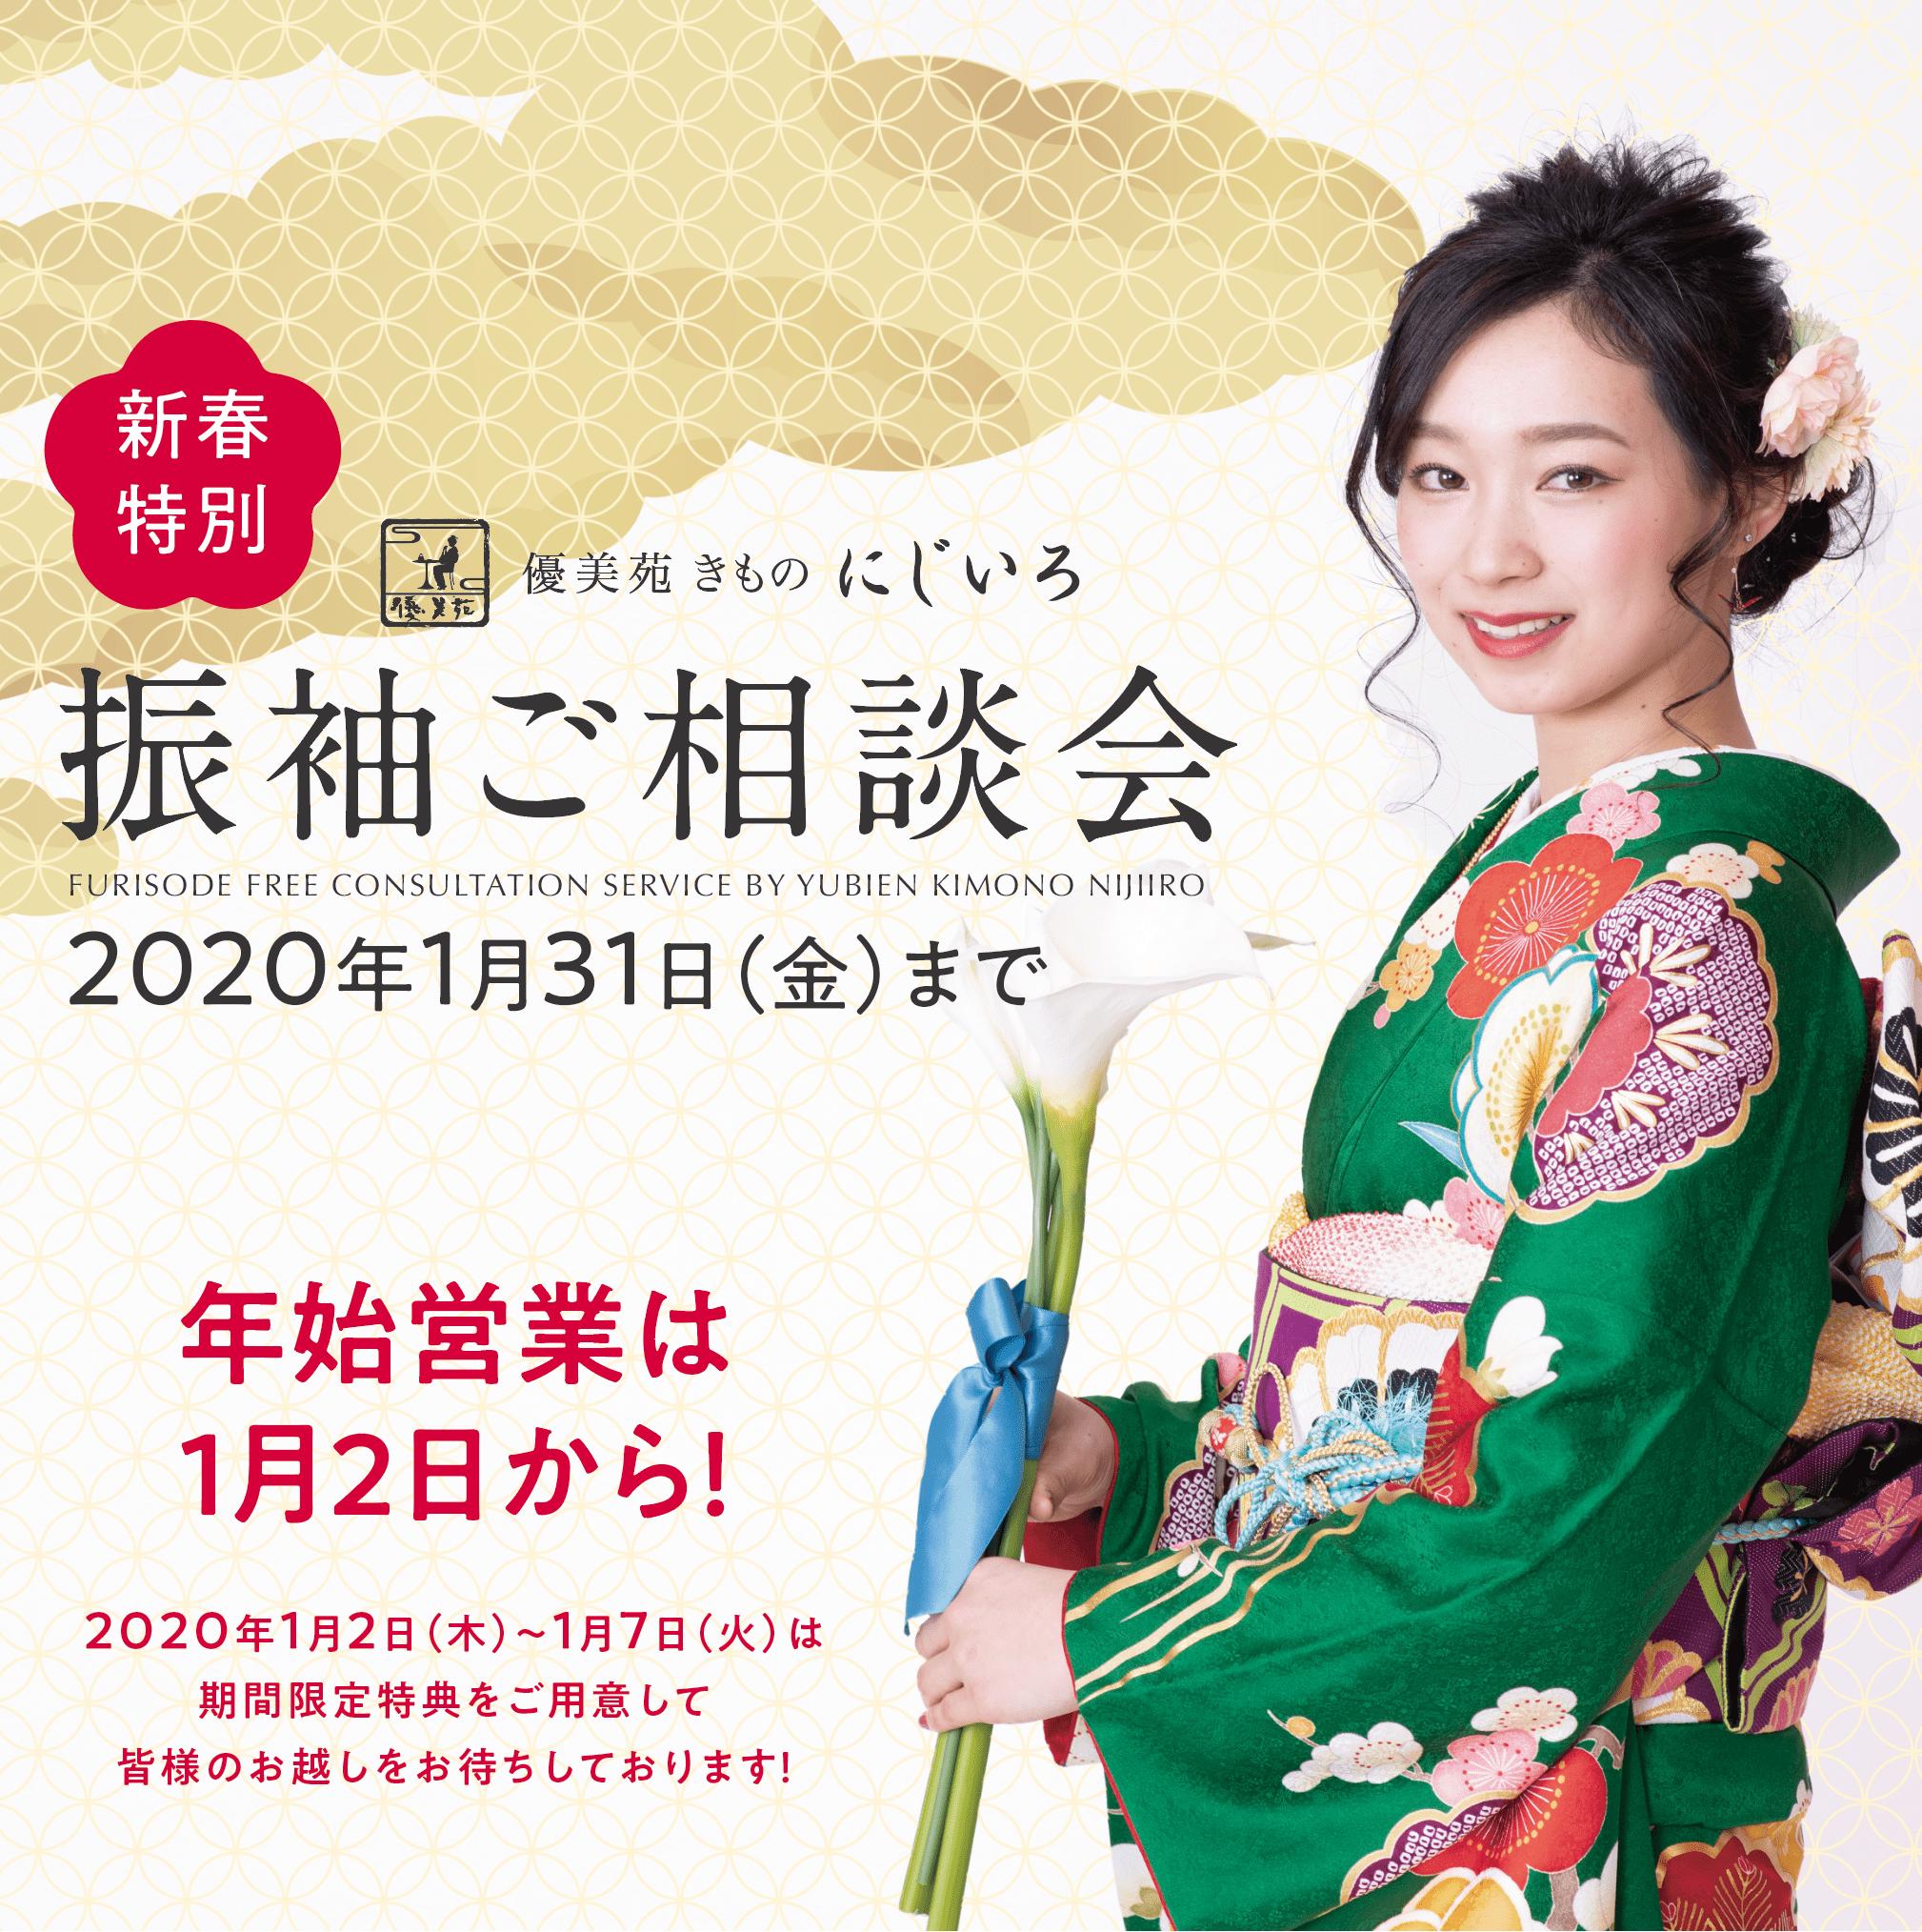 2020年新春特別振袖ご相談会メイン